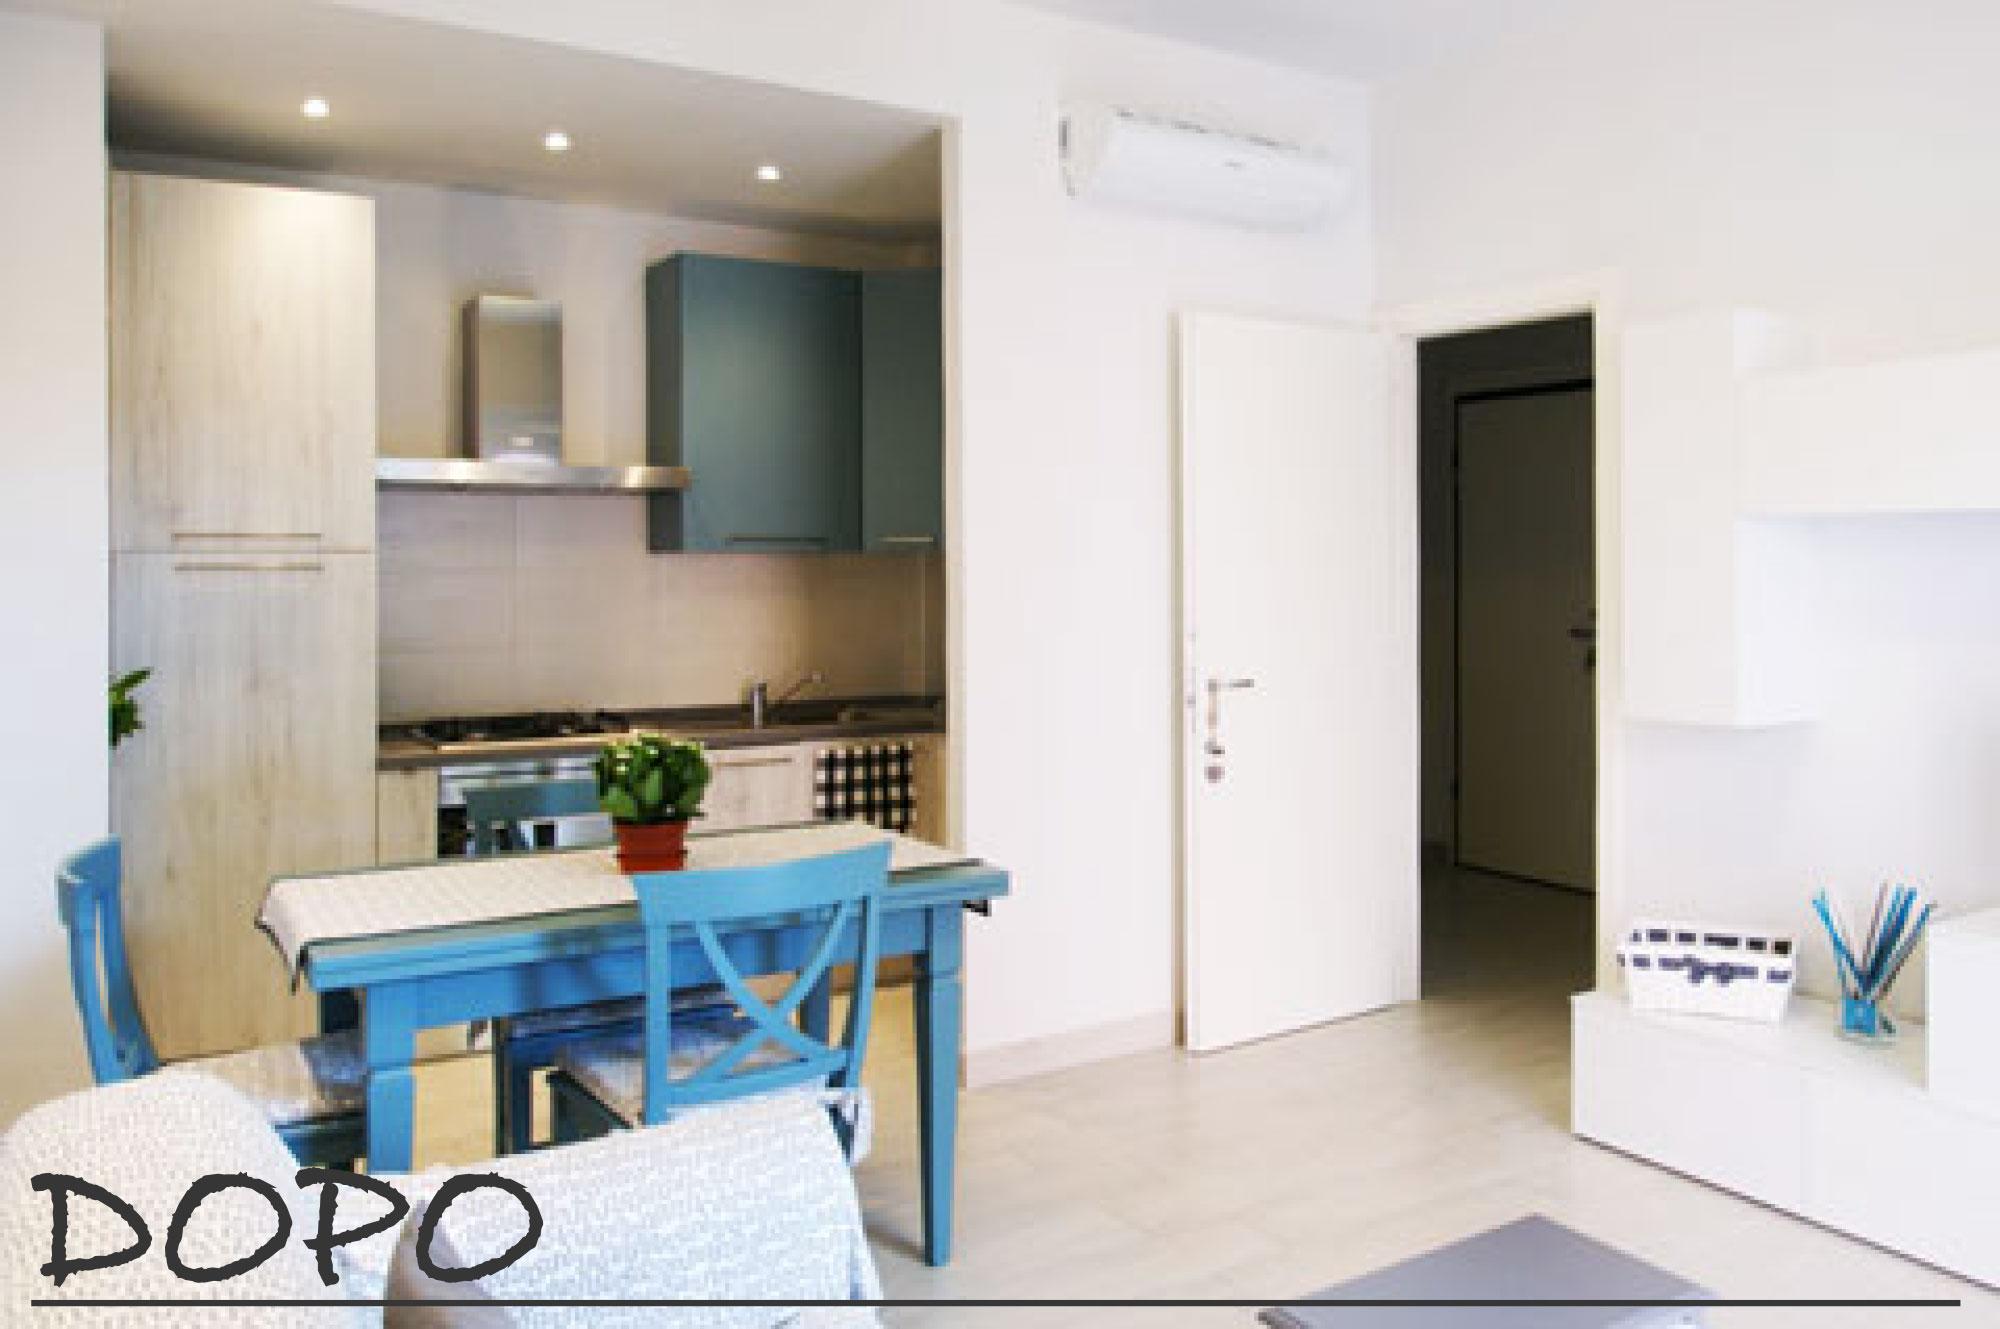 Fucina di idee appartamento newport for Idee appartamento